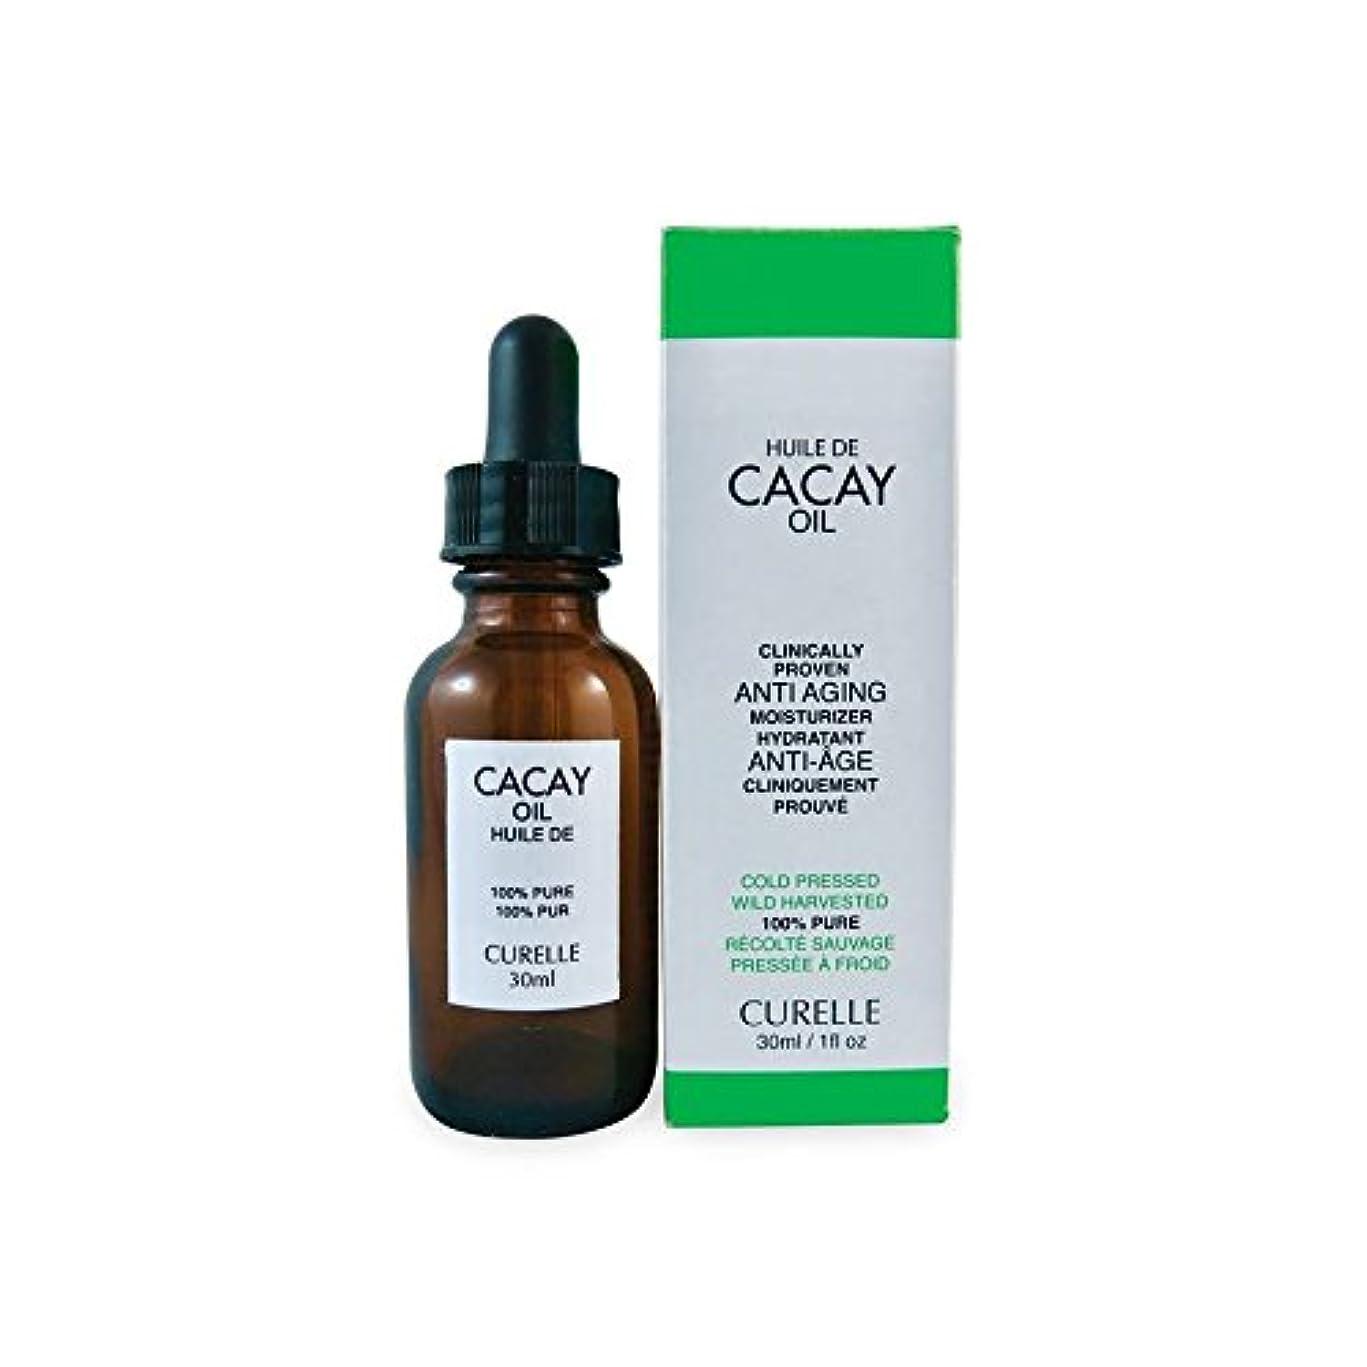 動員する細心のグラマーカカイオイル 100%ピュア コールドプレス 100% Pure Cold Pressed Cacay Oil